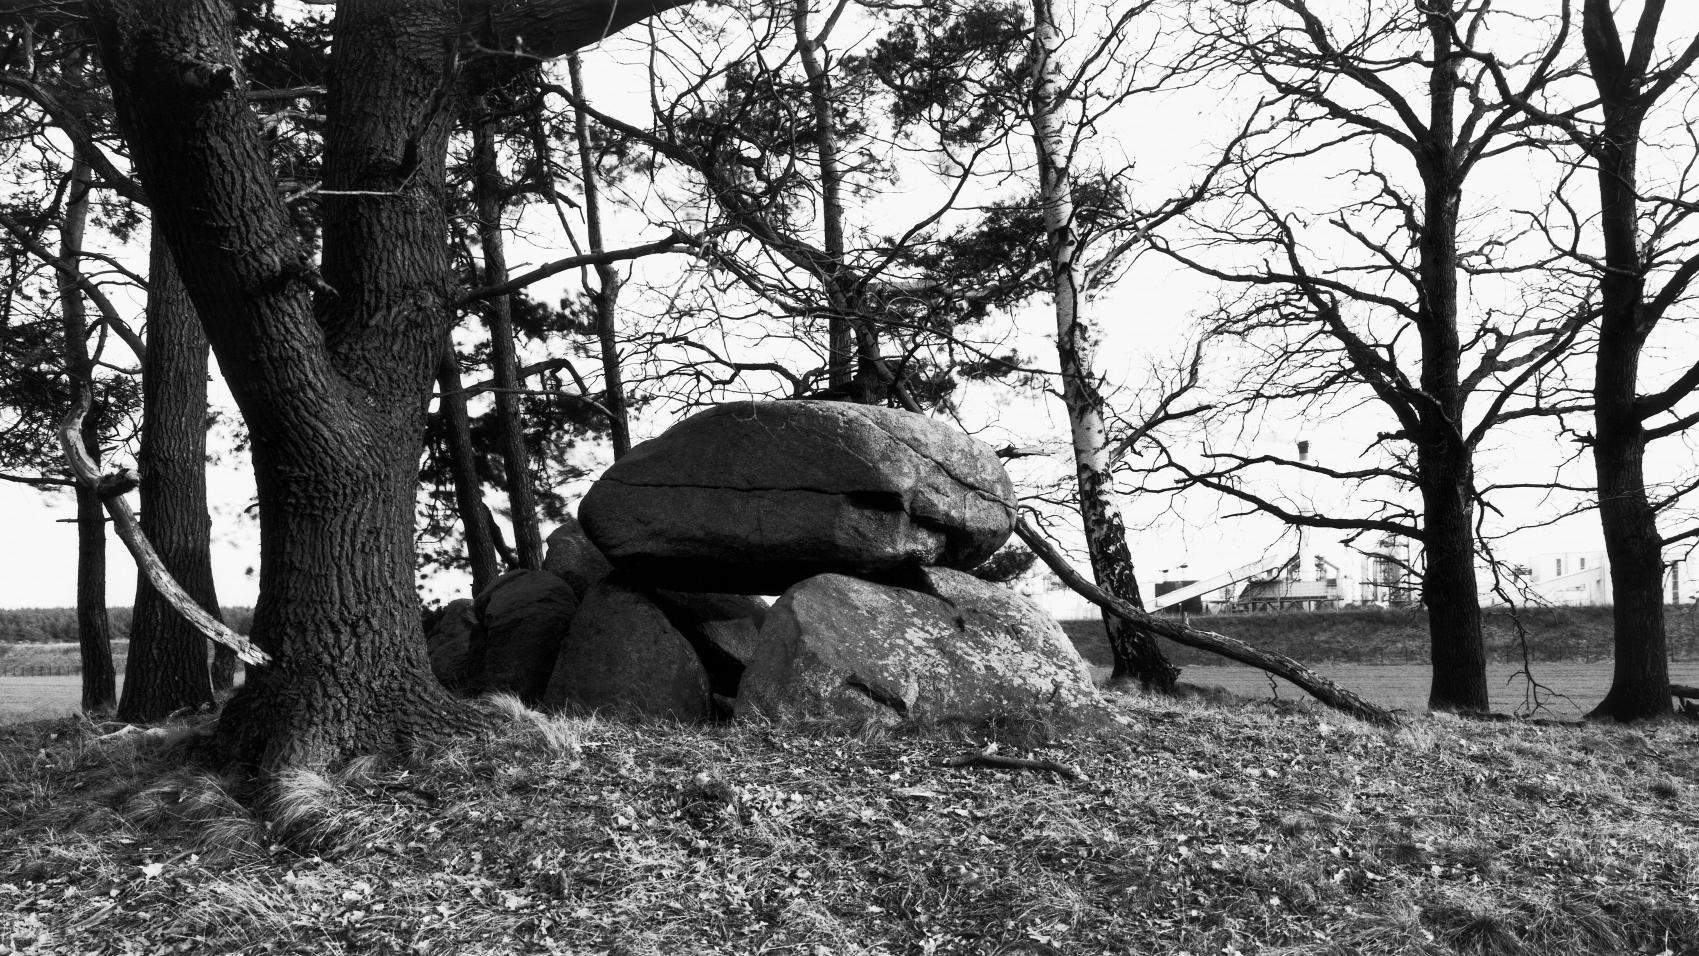 Die Großdolmen von Nettgau, Fundplatz 1, im Altmarkkreis Salzwedel. © Landesamt für Denkmalpflege und Archäologie Sachsen-Anhalt, Juraj Lipták.